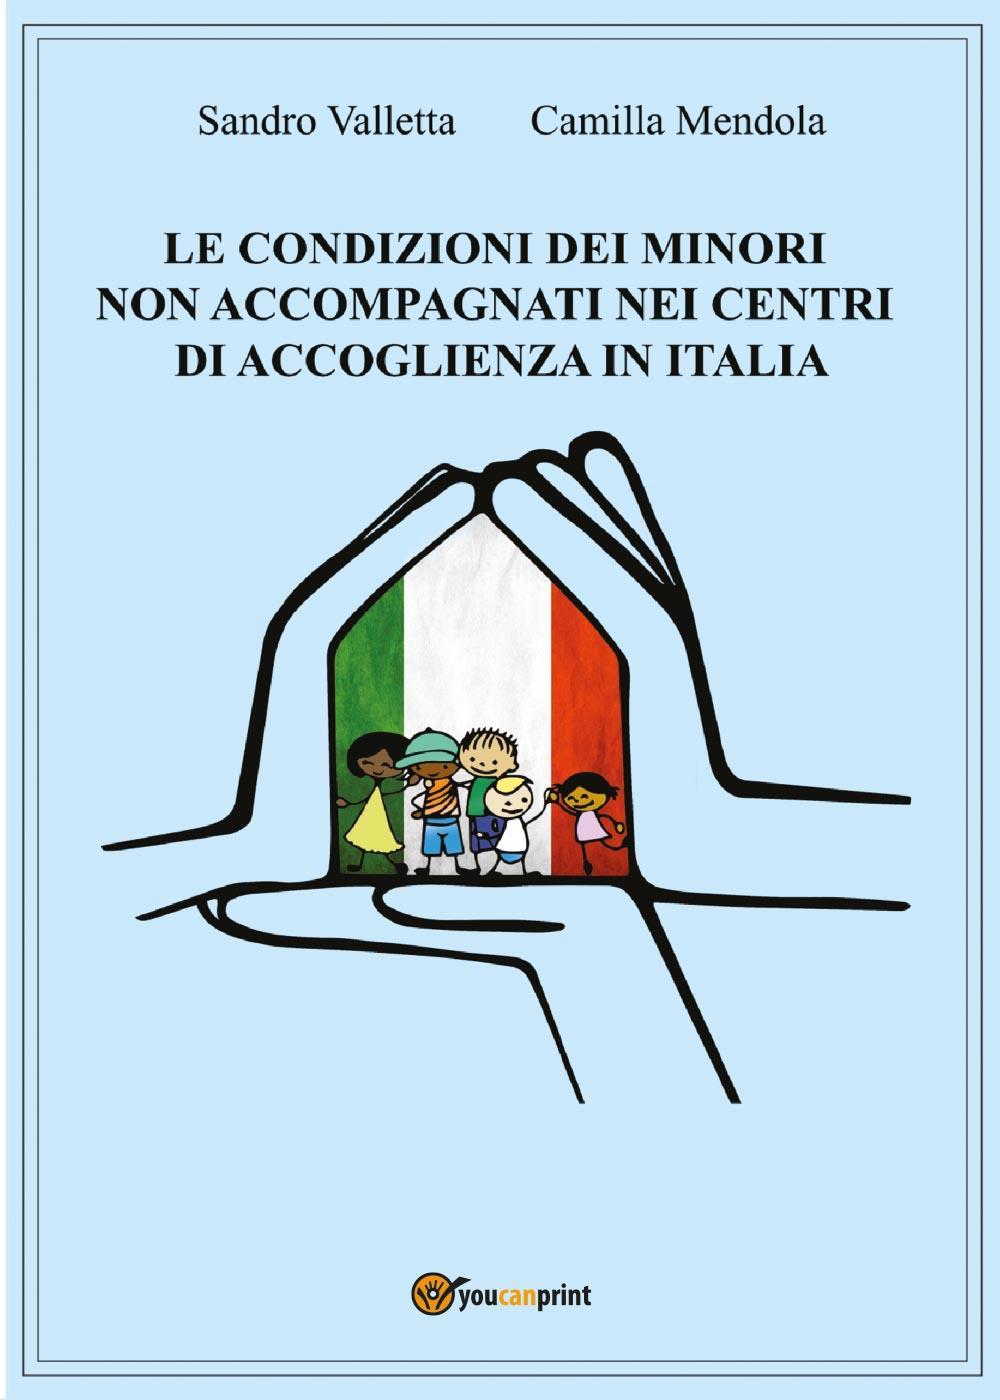 Le condizioni dei minori non accompagnati nei centri di accoglienza in Italia